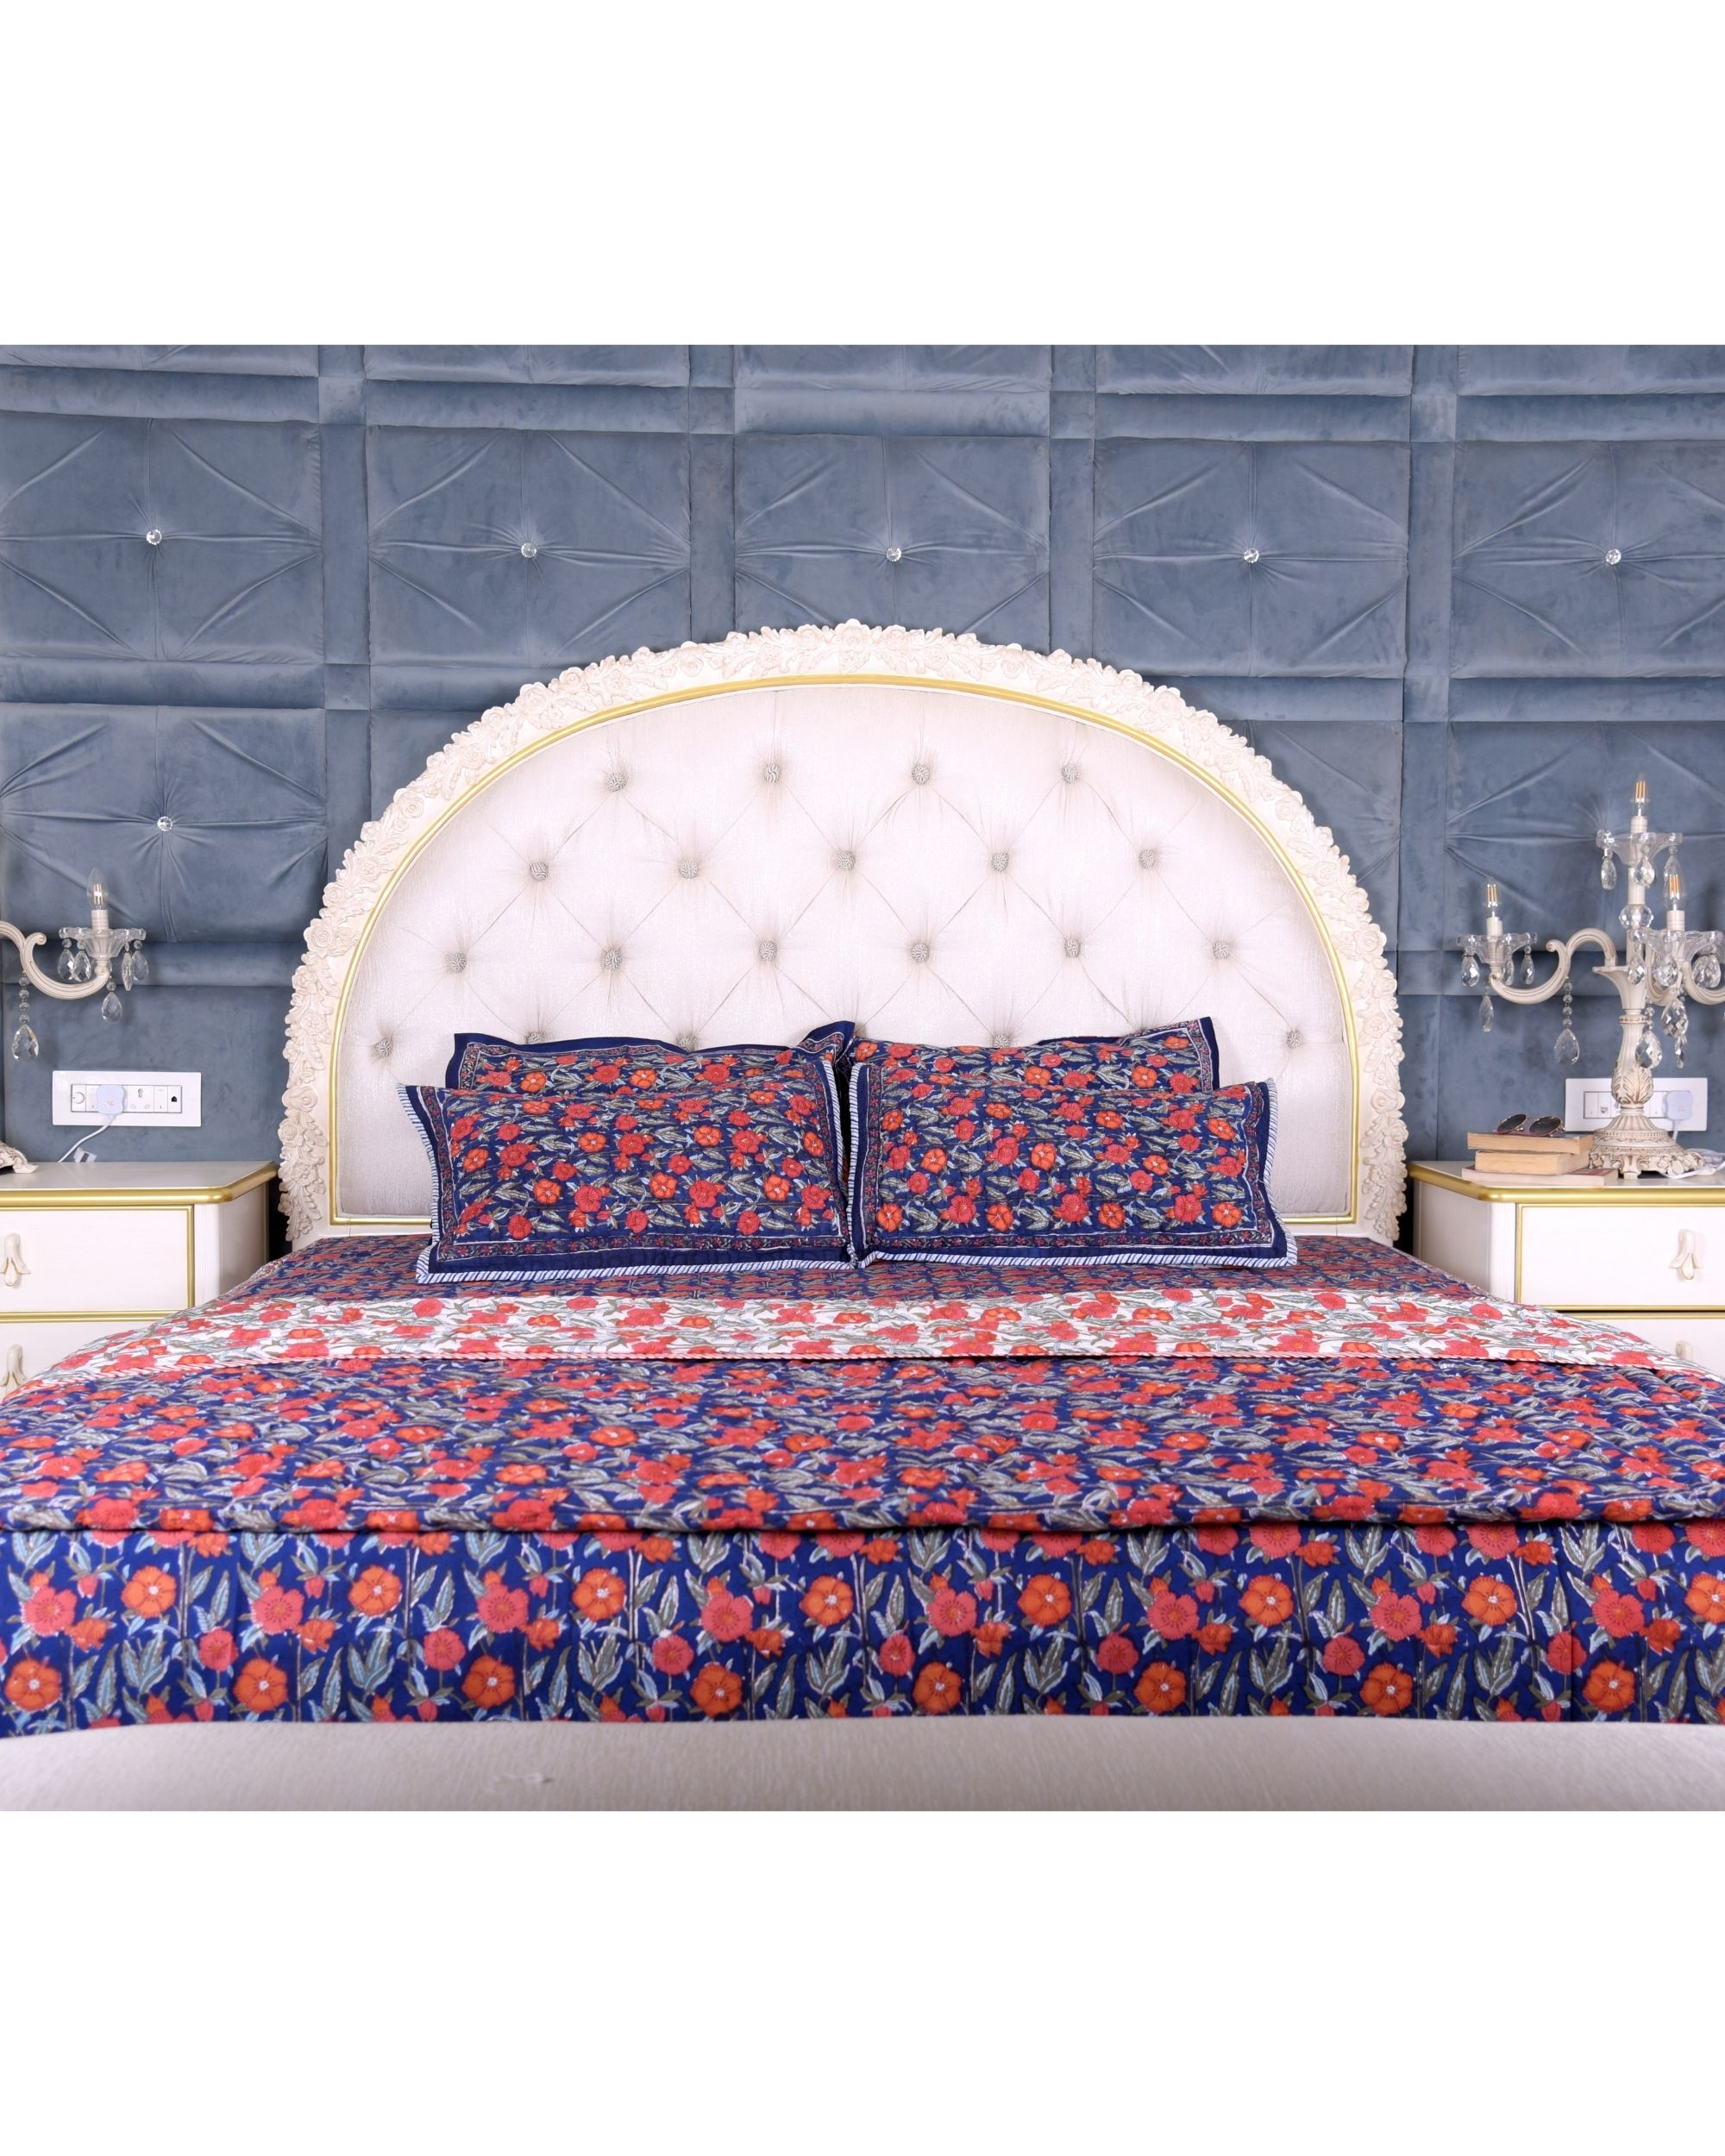 Dark blue floral king size bed sheet